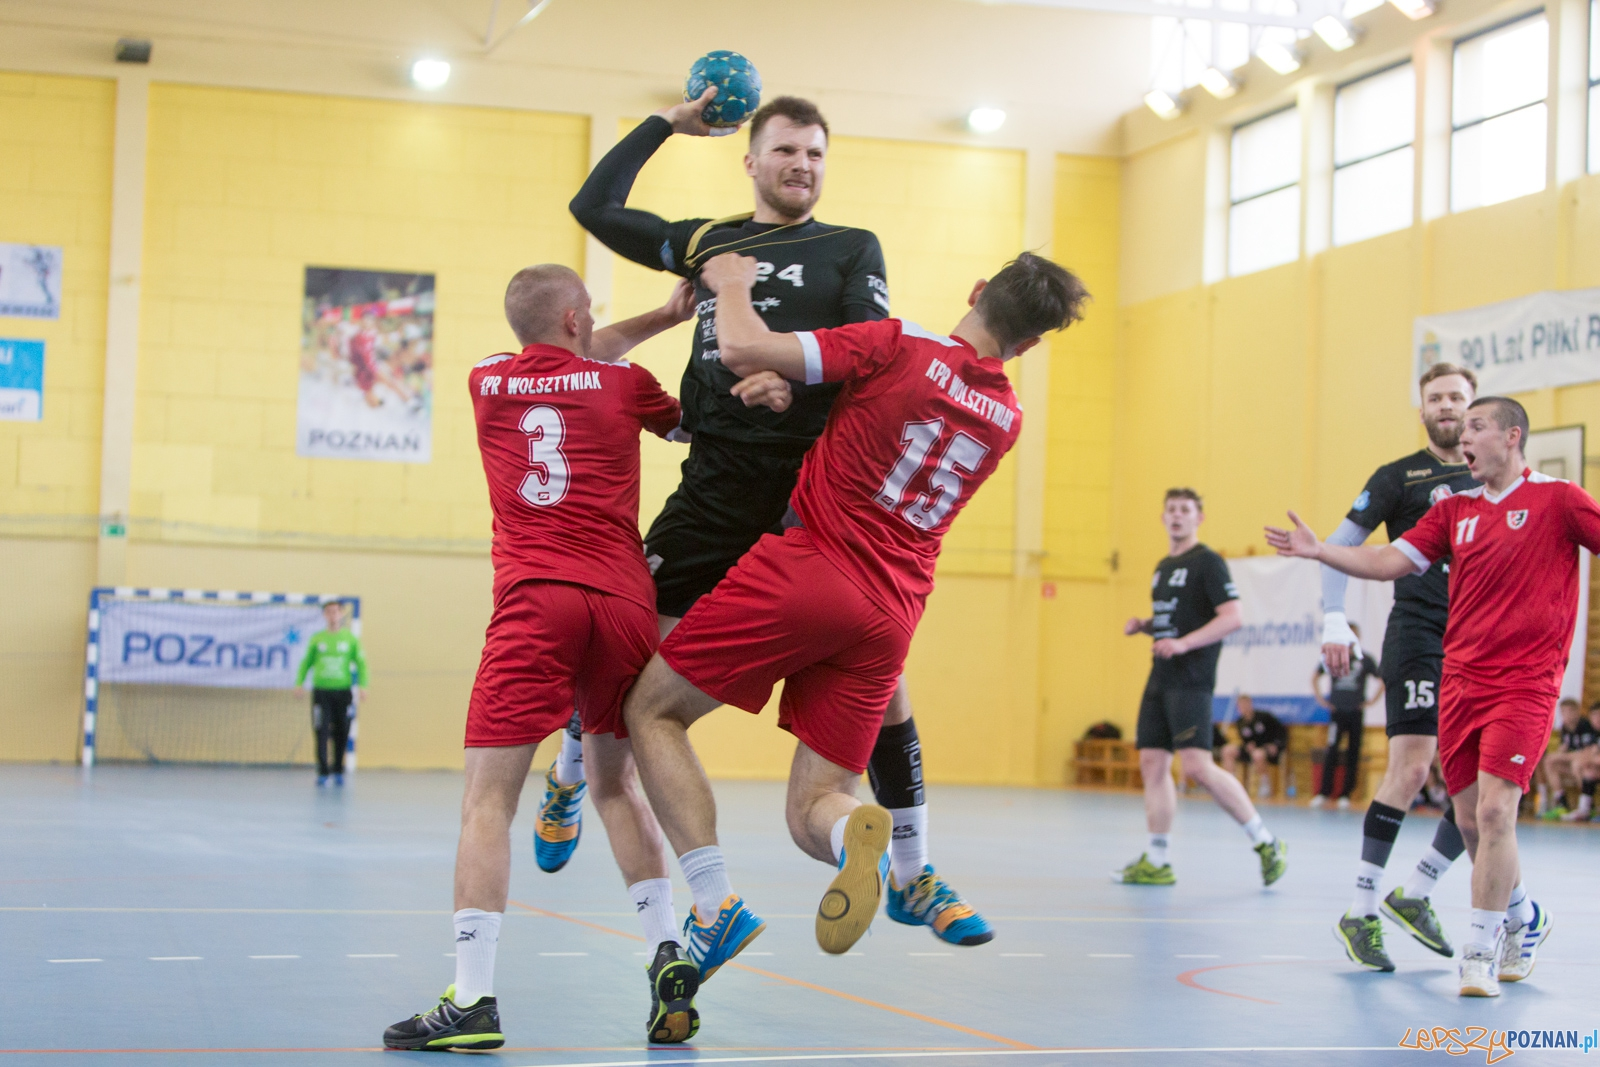 MKS Poznań - KPR Wolsztyniak Wolsztyn  Foto: lepszyPOZNAN.pl / Piotr Rychter